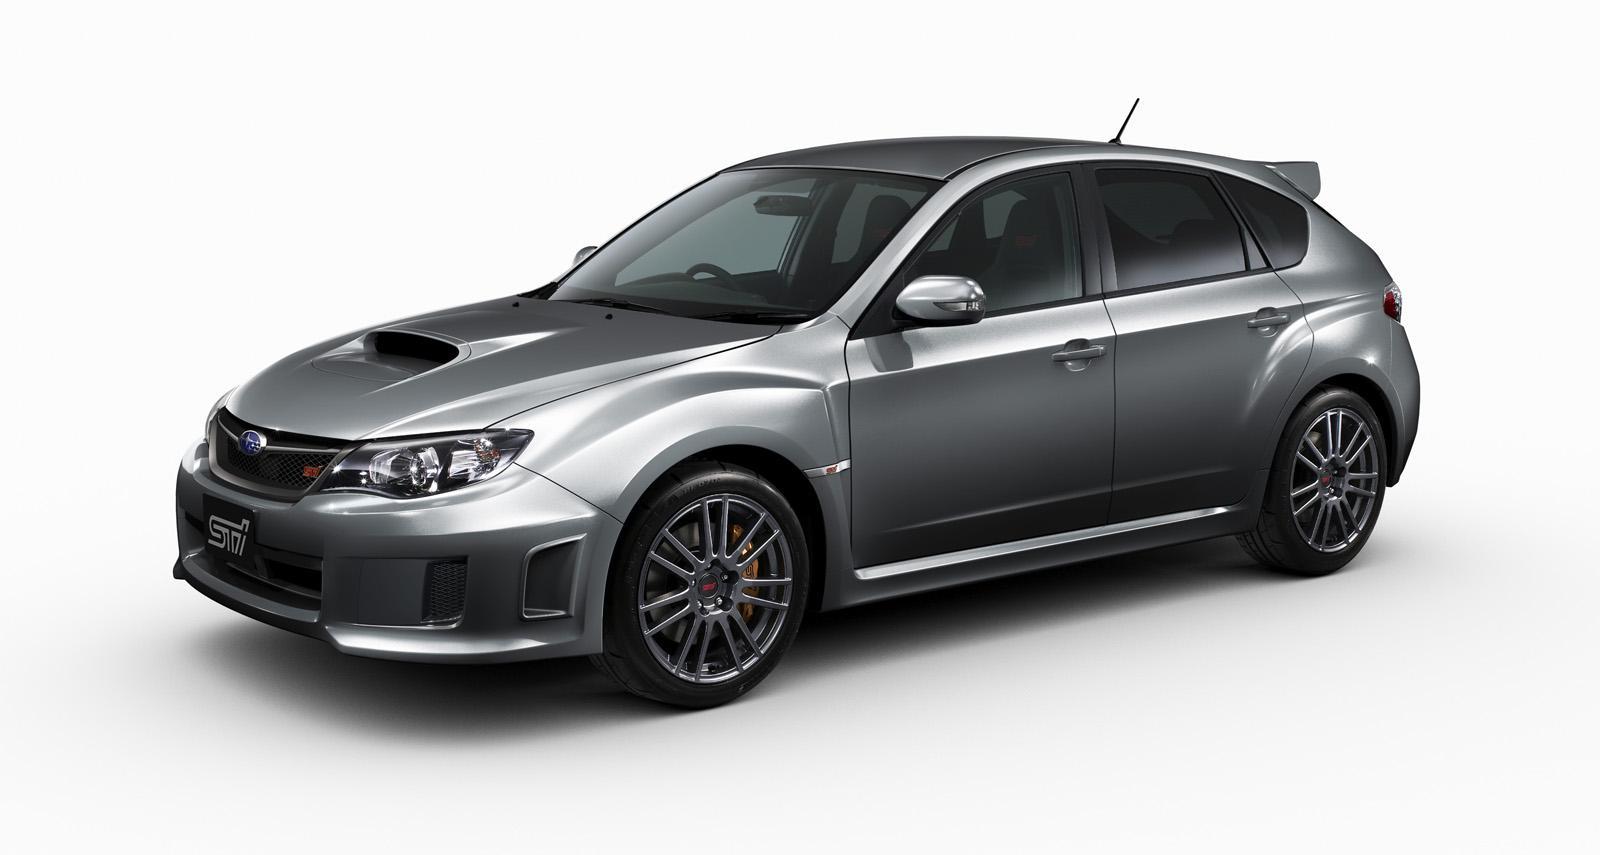 2011 Subaru Impreza WRX STI Spec C - фотография №2